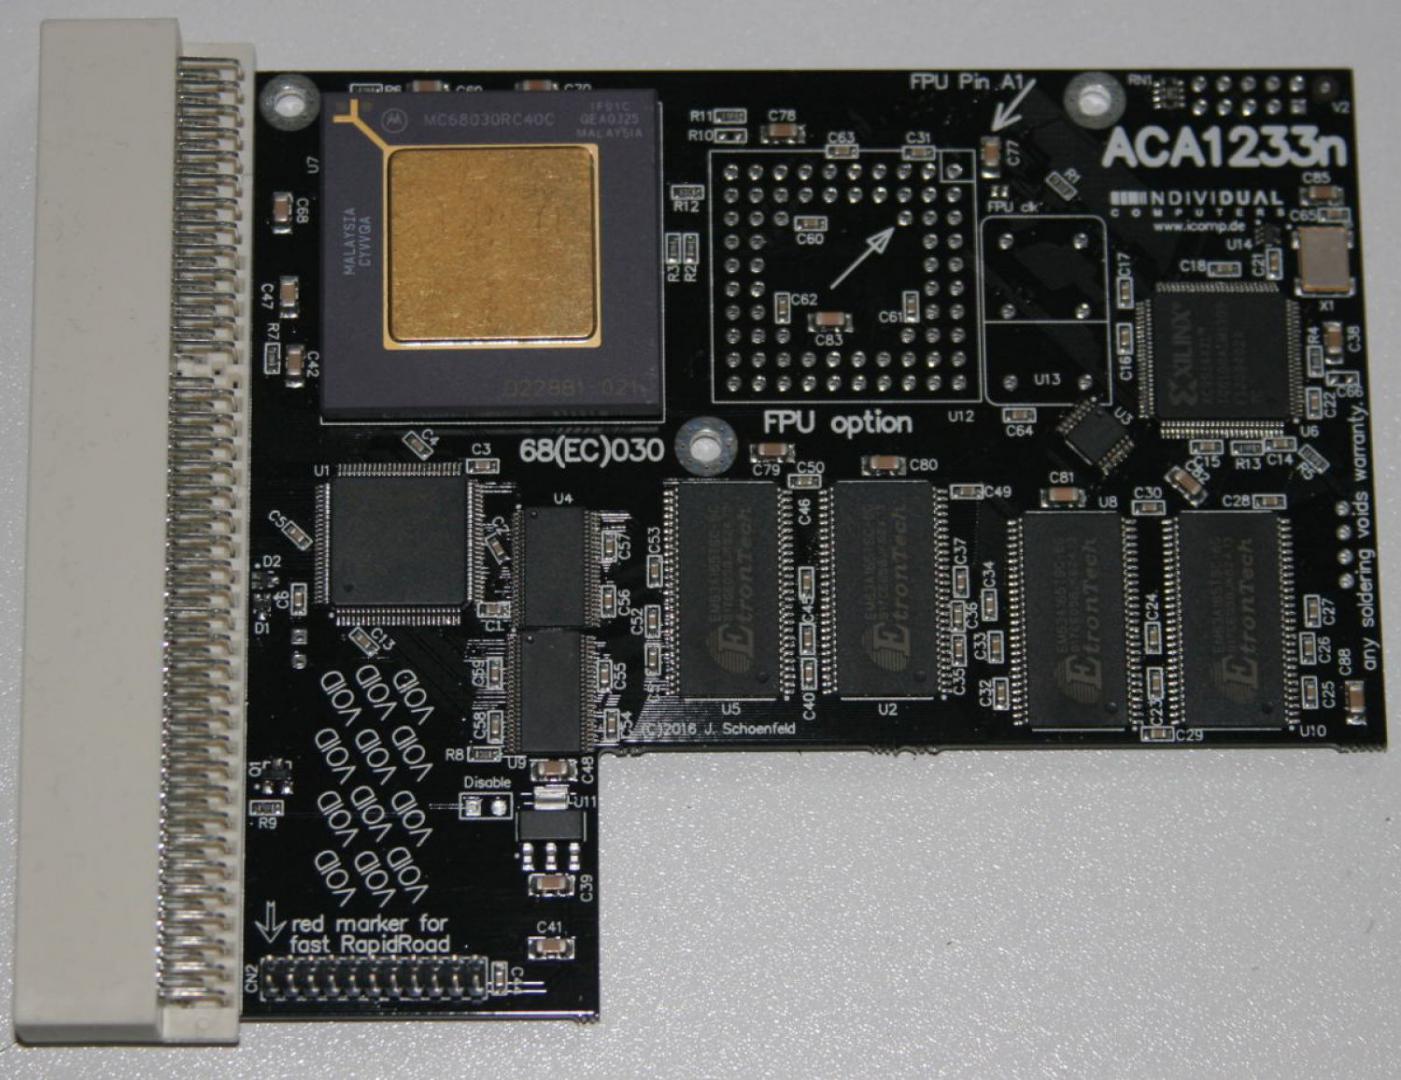 Klikněte na obrázek pro zobrazení větší verze  Název: aca1233n-40_production_unit-b2c01165.jpg Zobrazeno: 68 Velikost: 191,4 KB ID: 9623